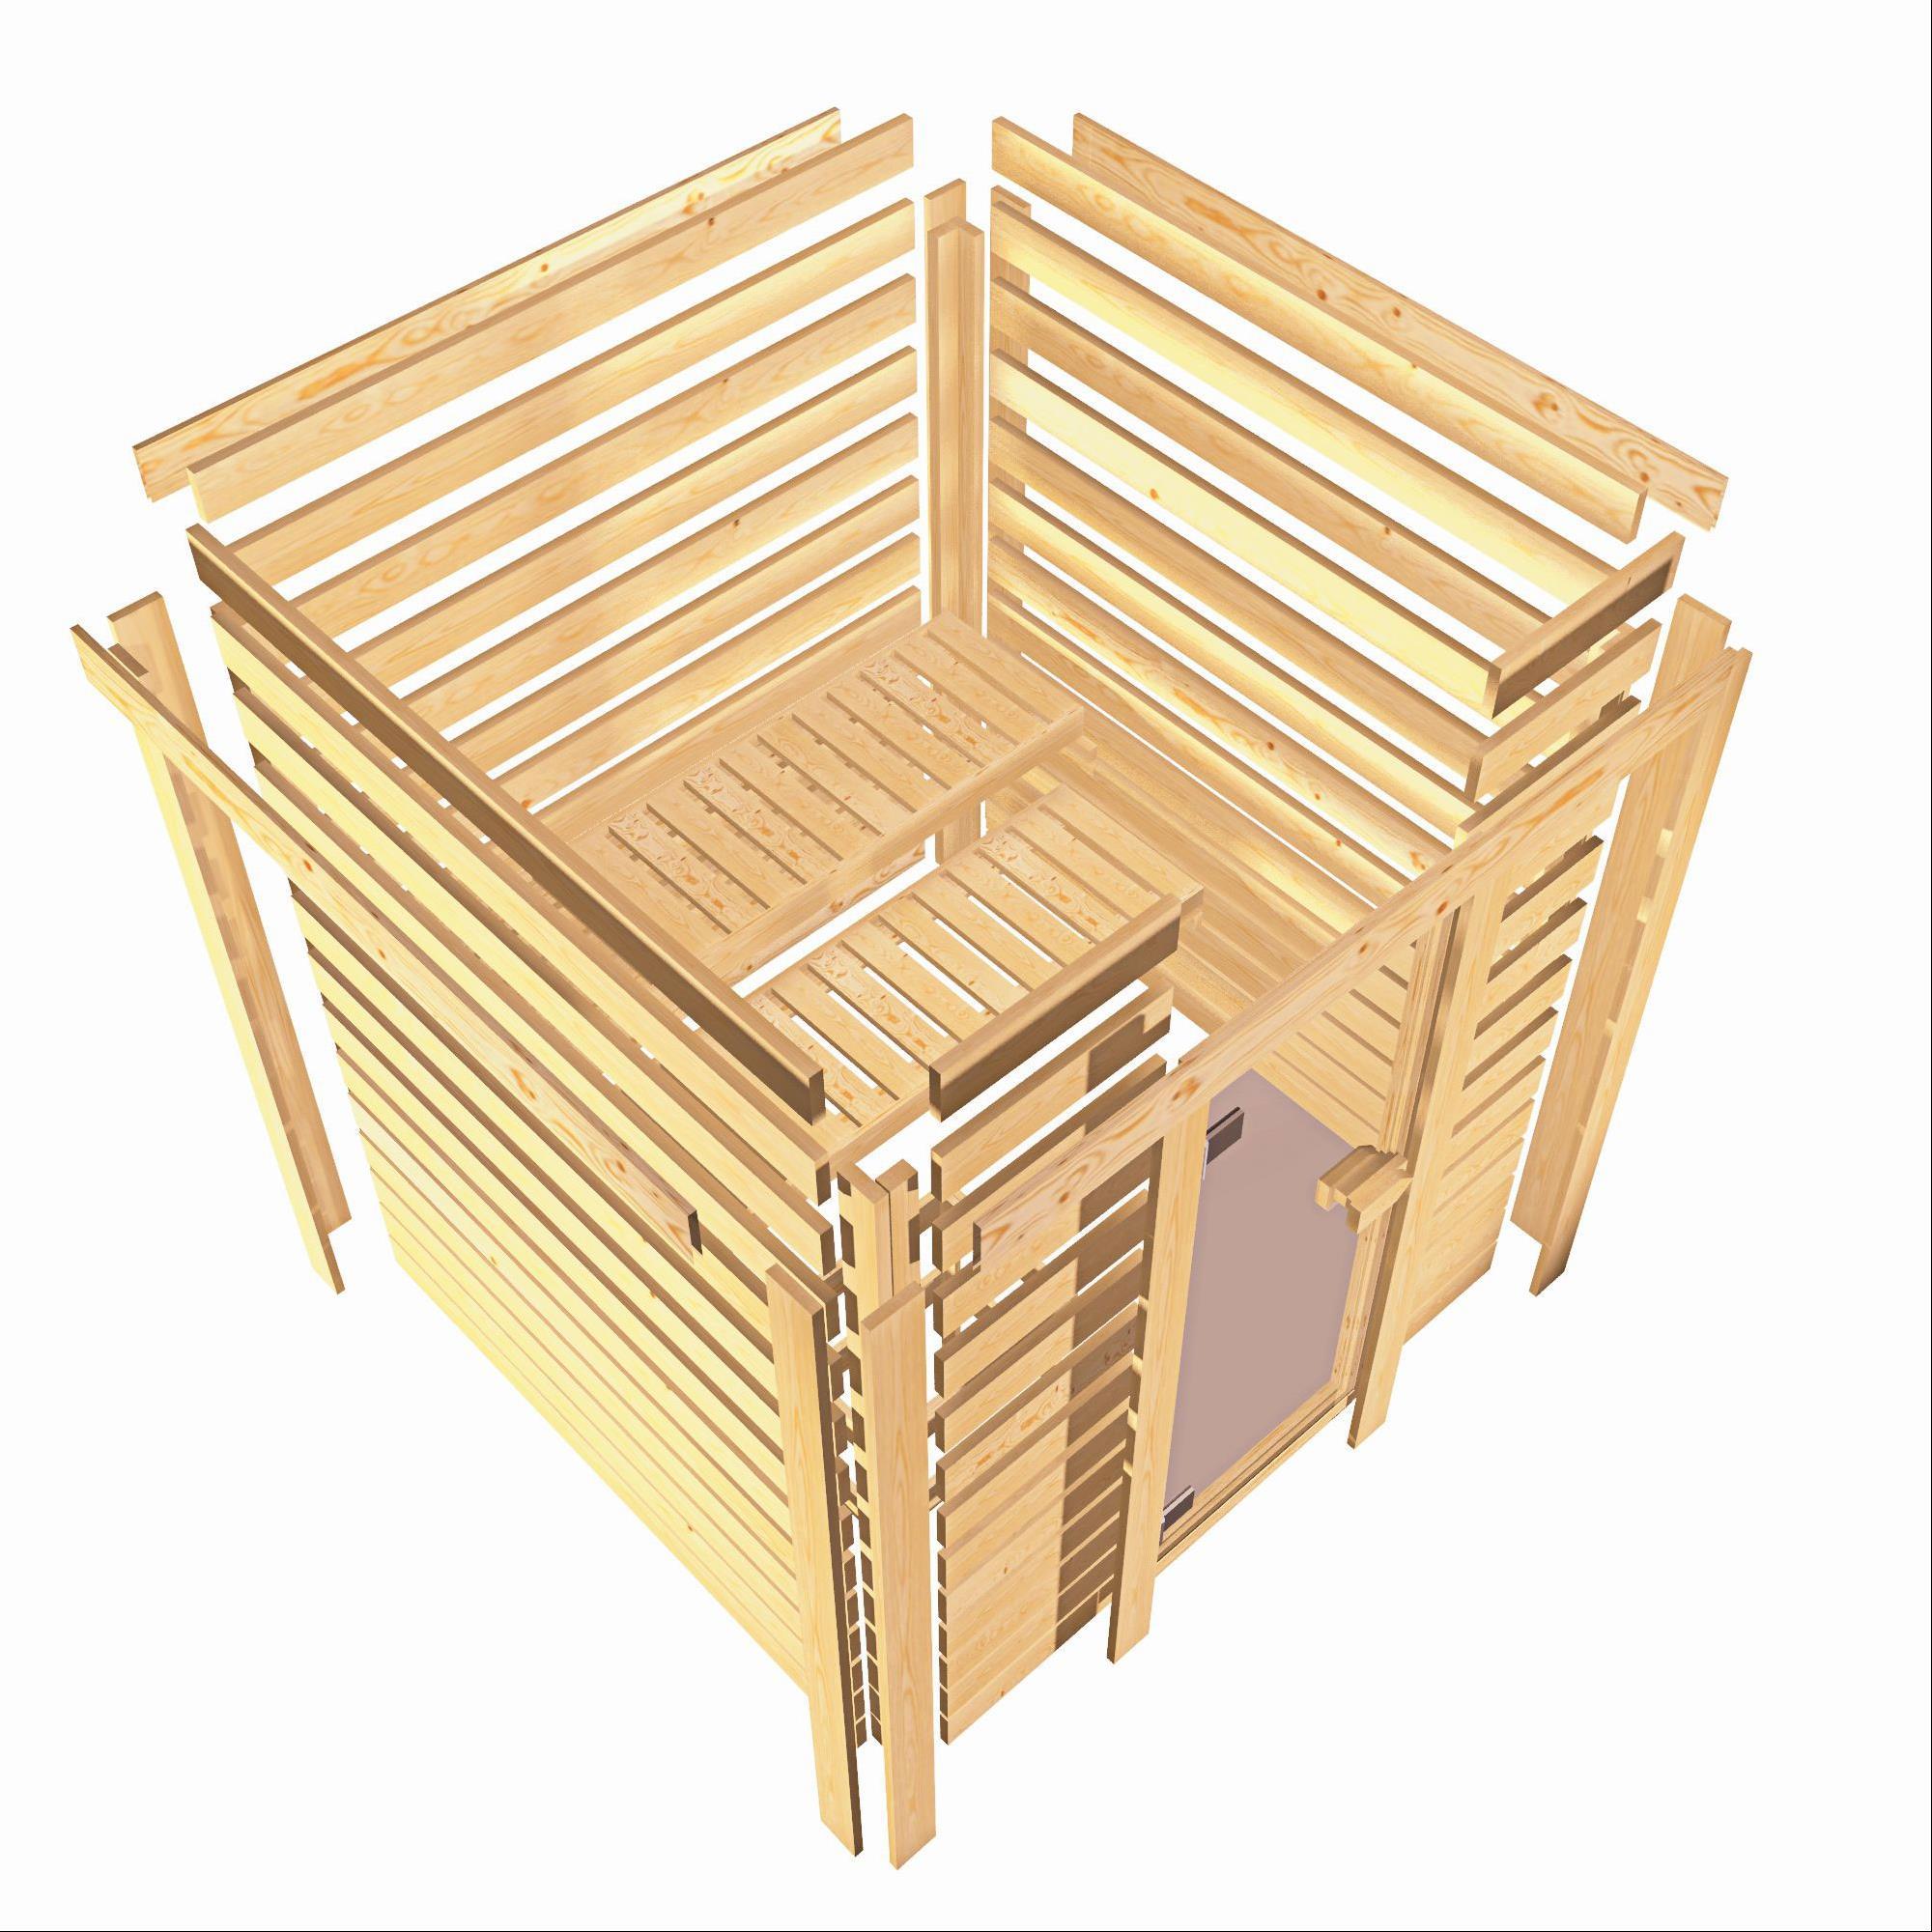 WoodFeeling Sauna Mia 38mm Saunaofen 9kW intern Classic Tür Bild 4